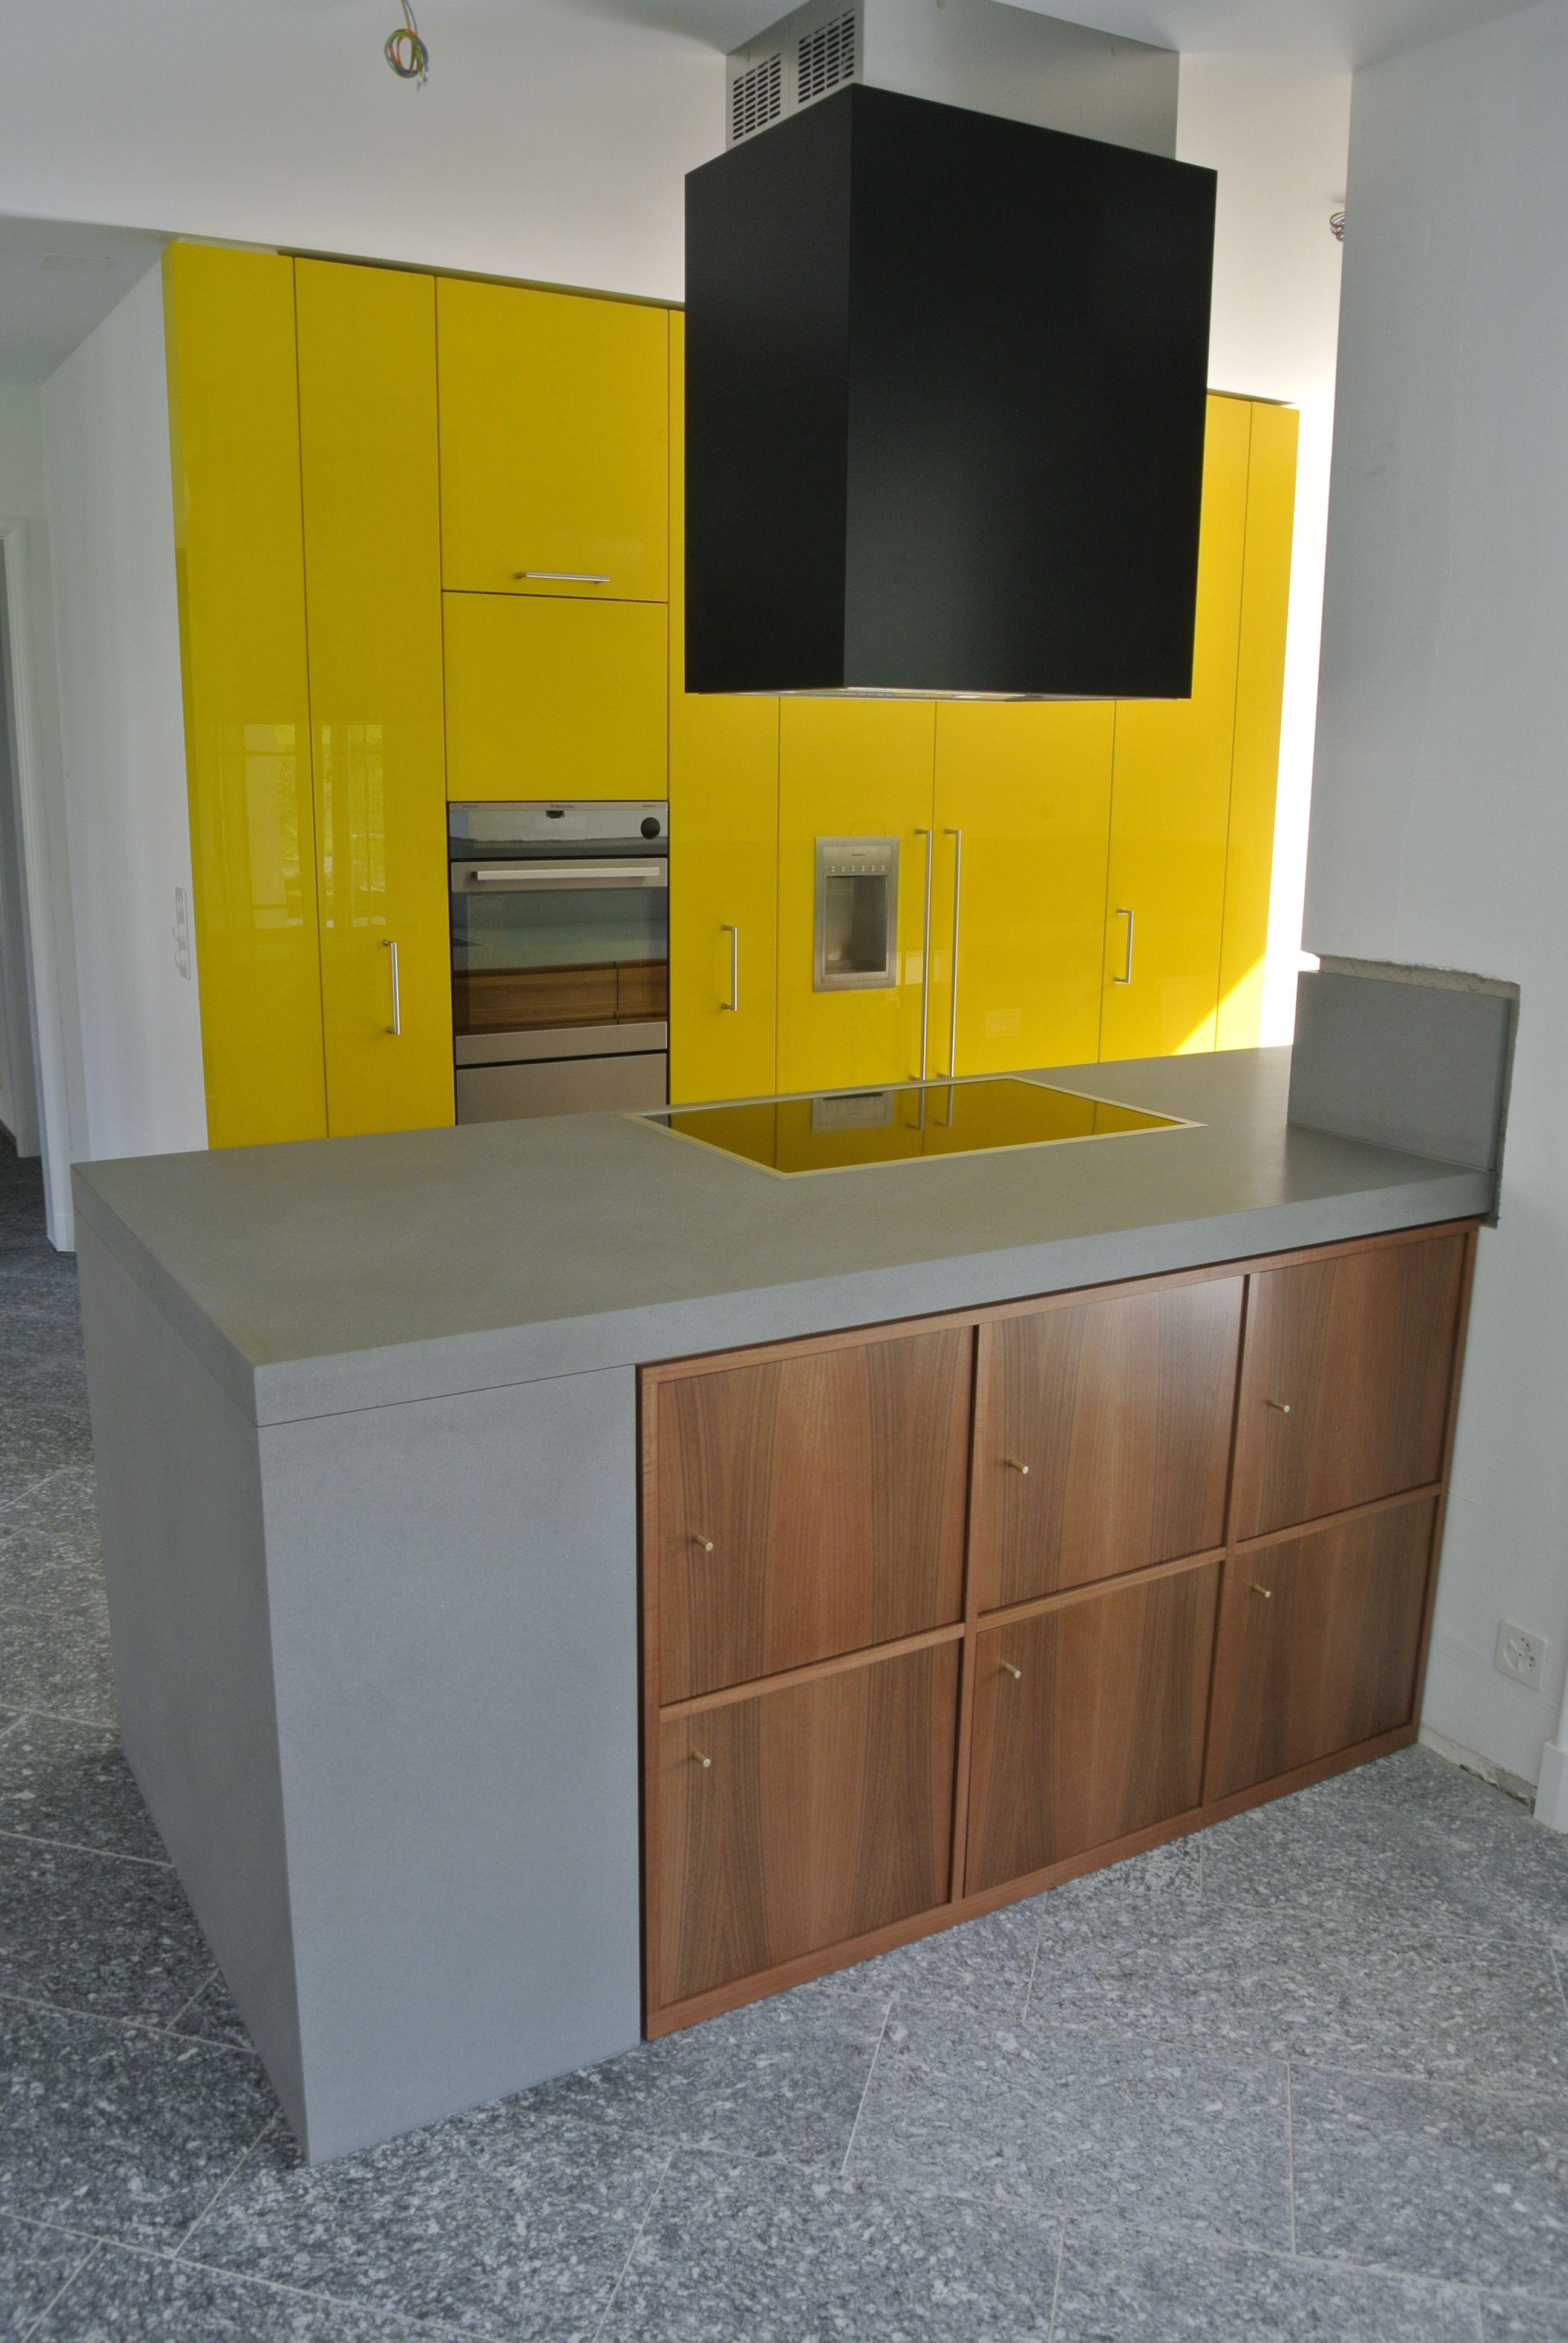 Cucina su misura open space con parete attrezzata in legno laccato ...